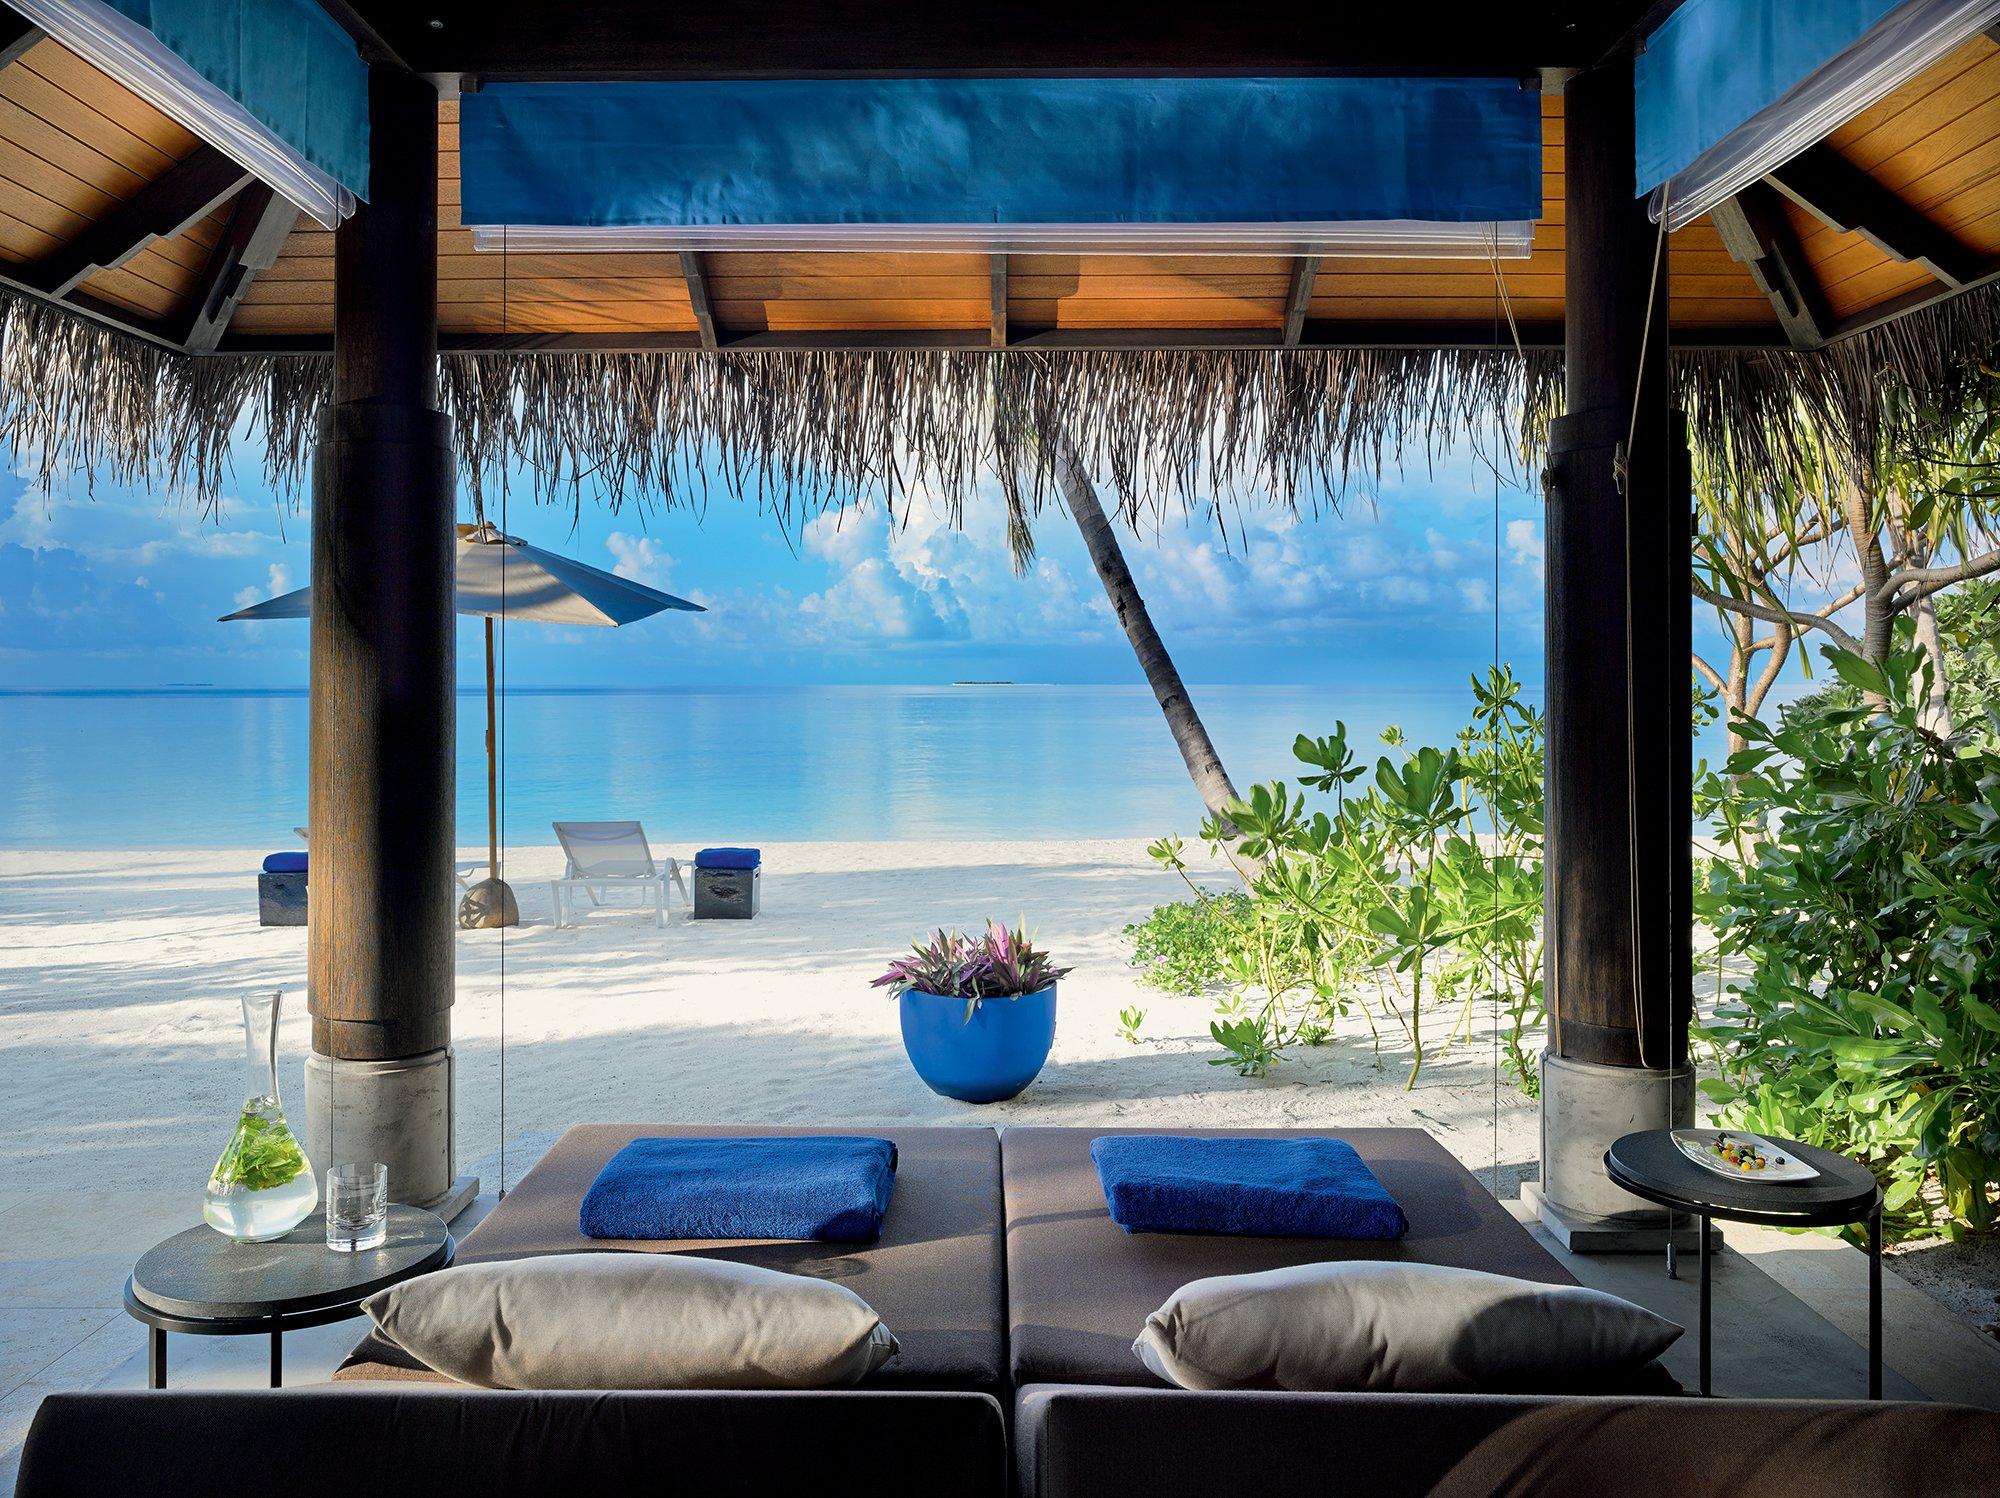 Maldives - Velaa Private Island